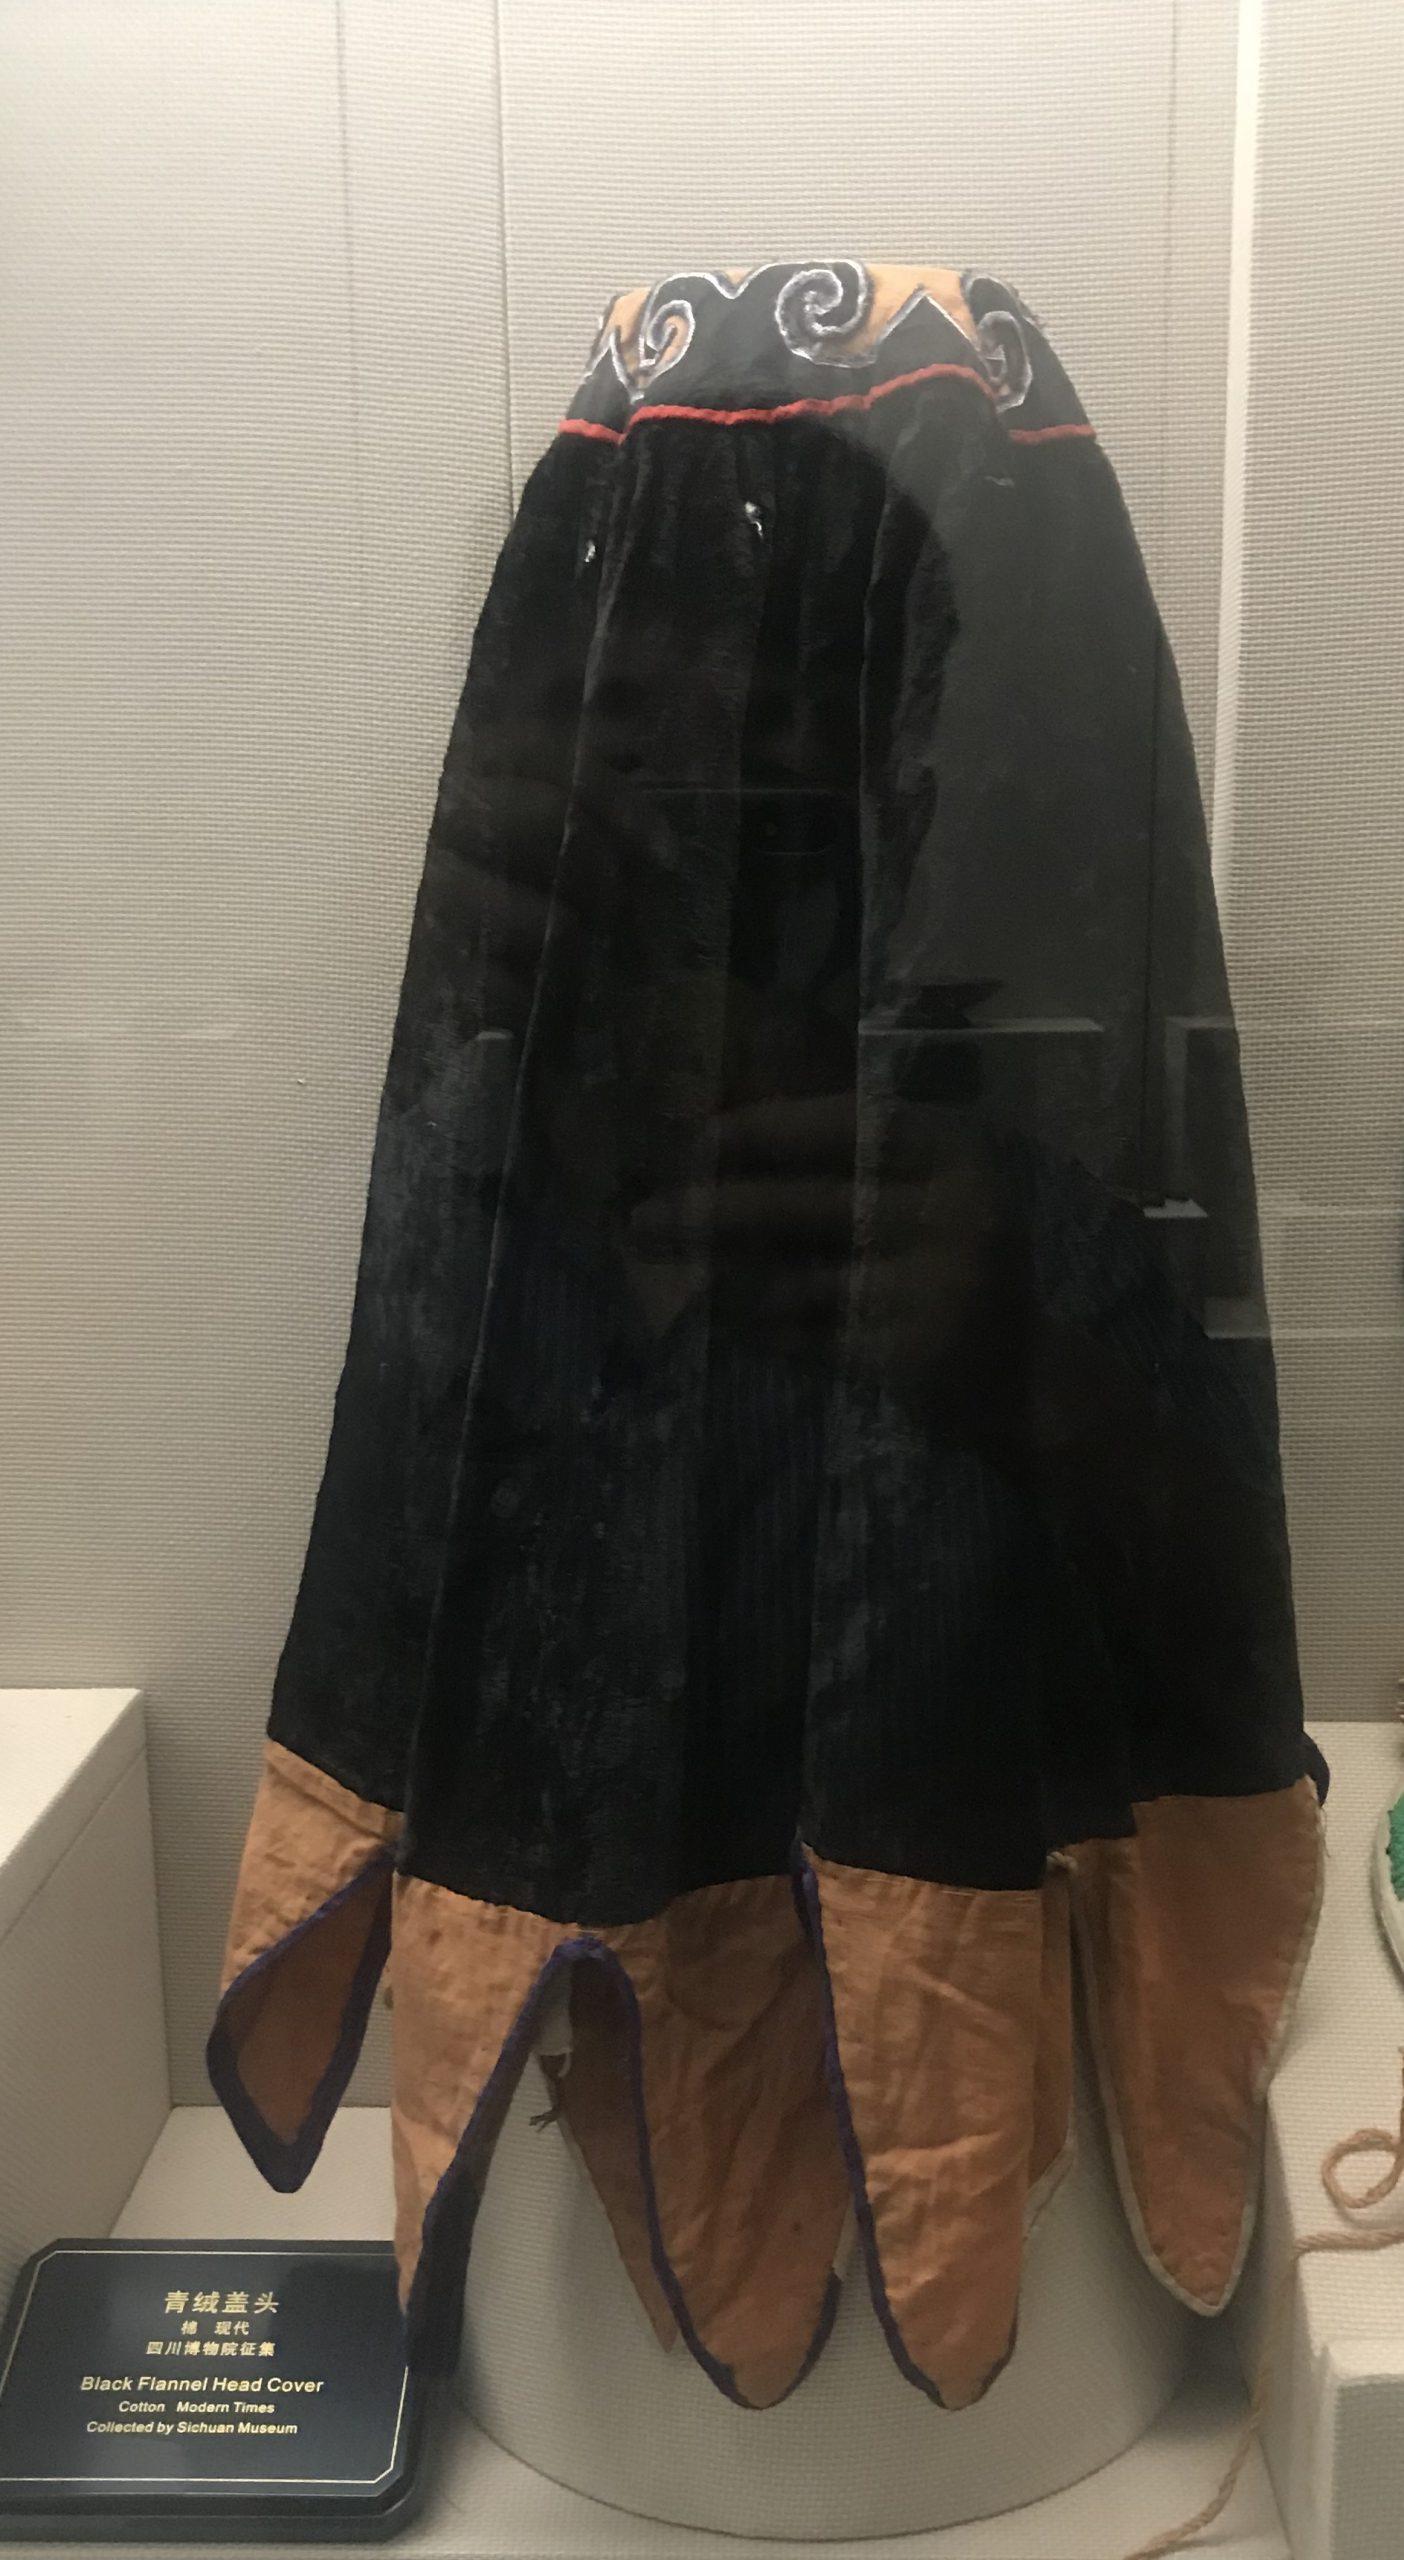 青絨蓋頭-彜族衣装-四川民族文物館-四川博物館-成都